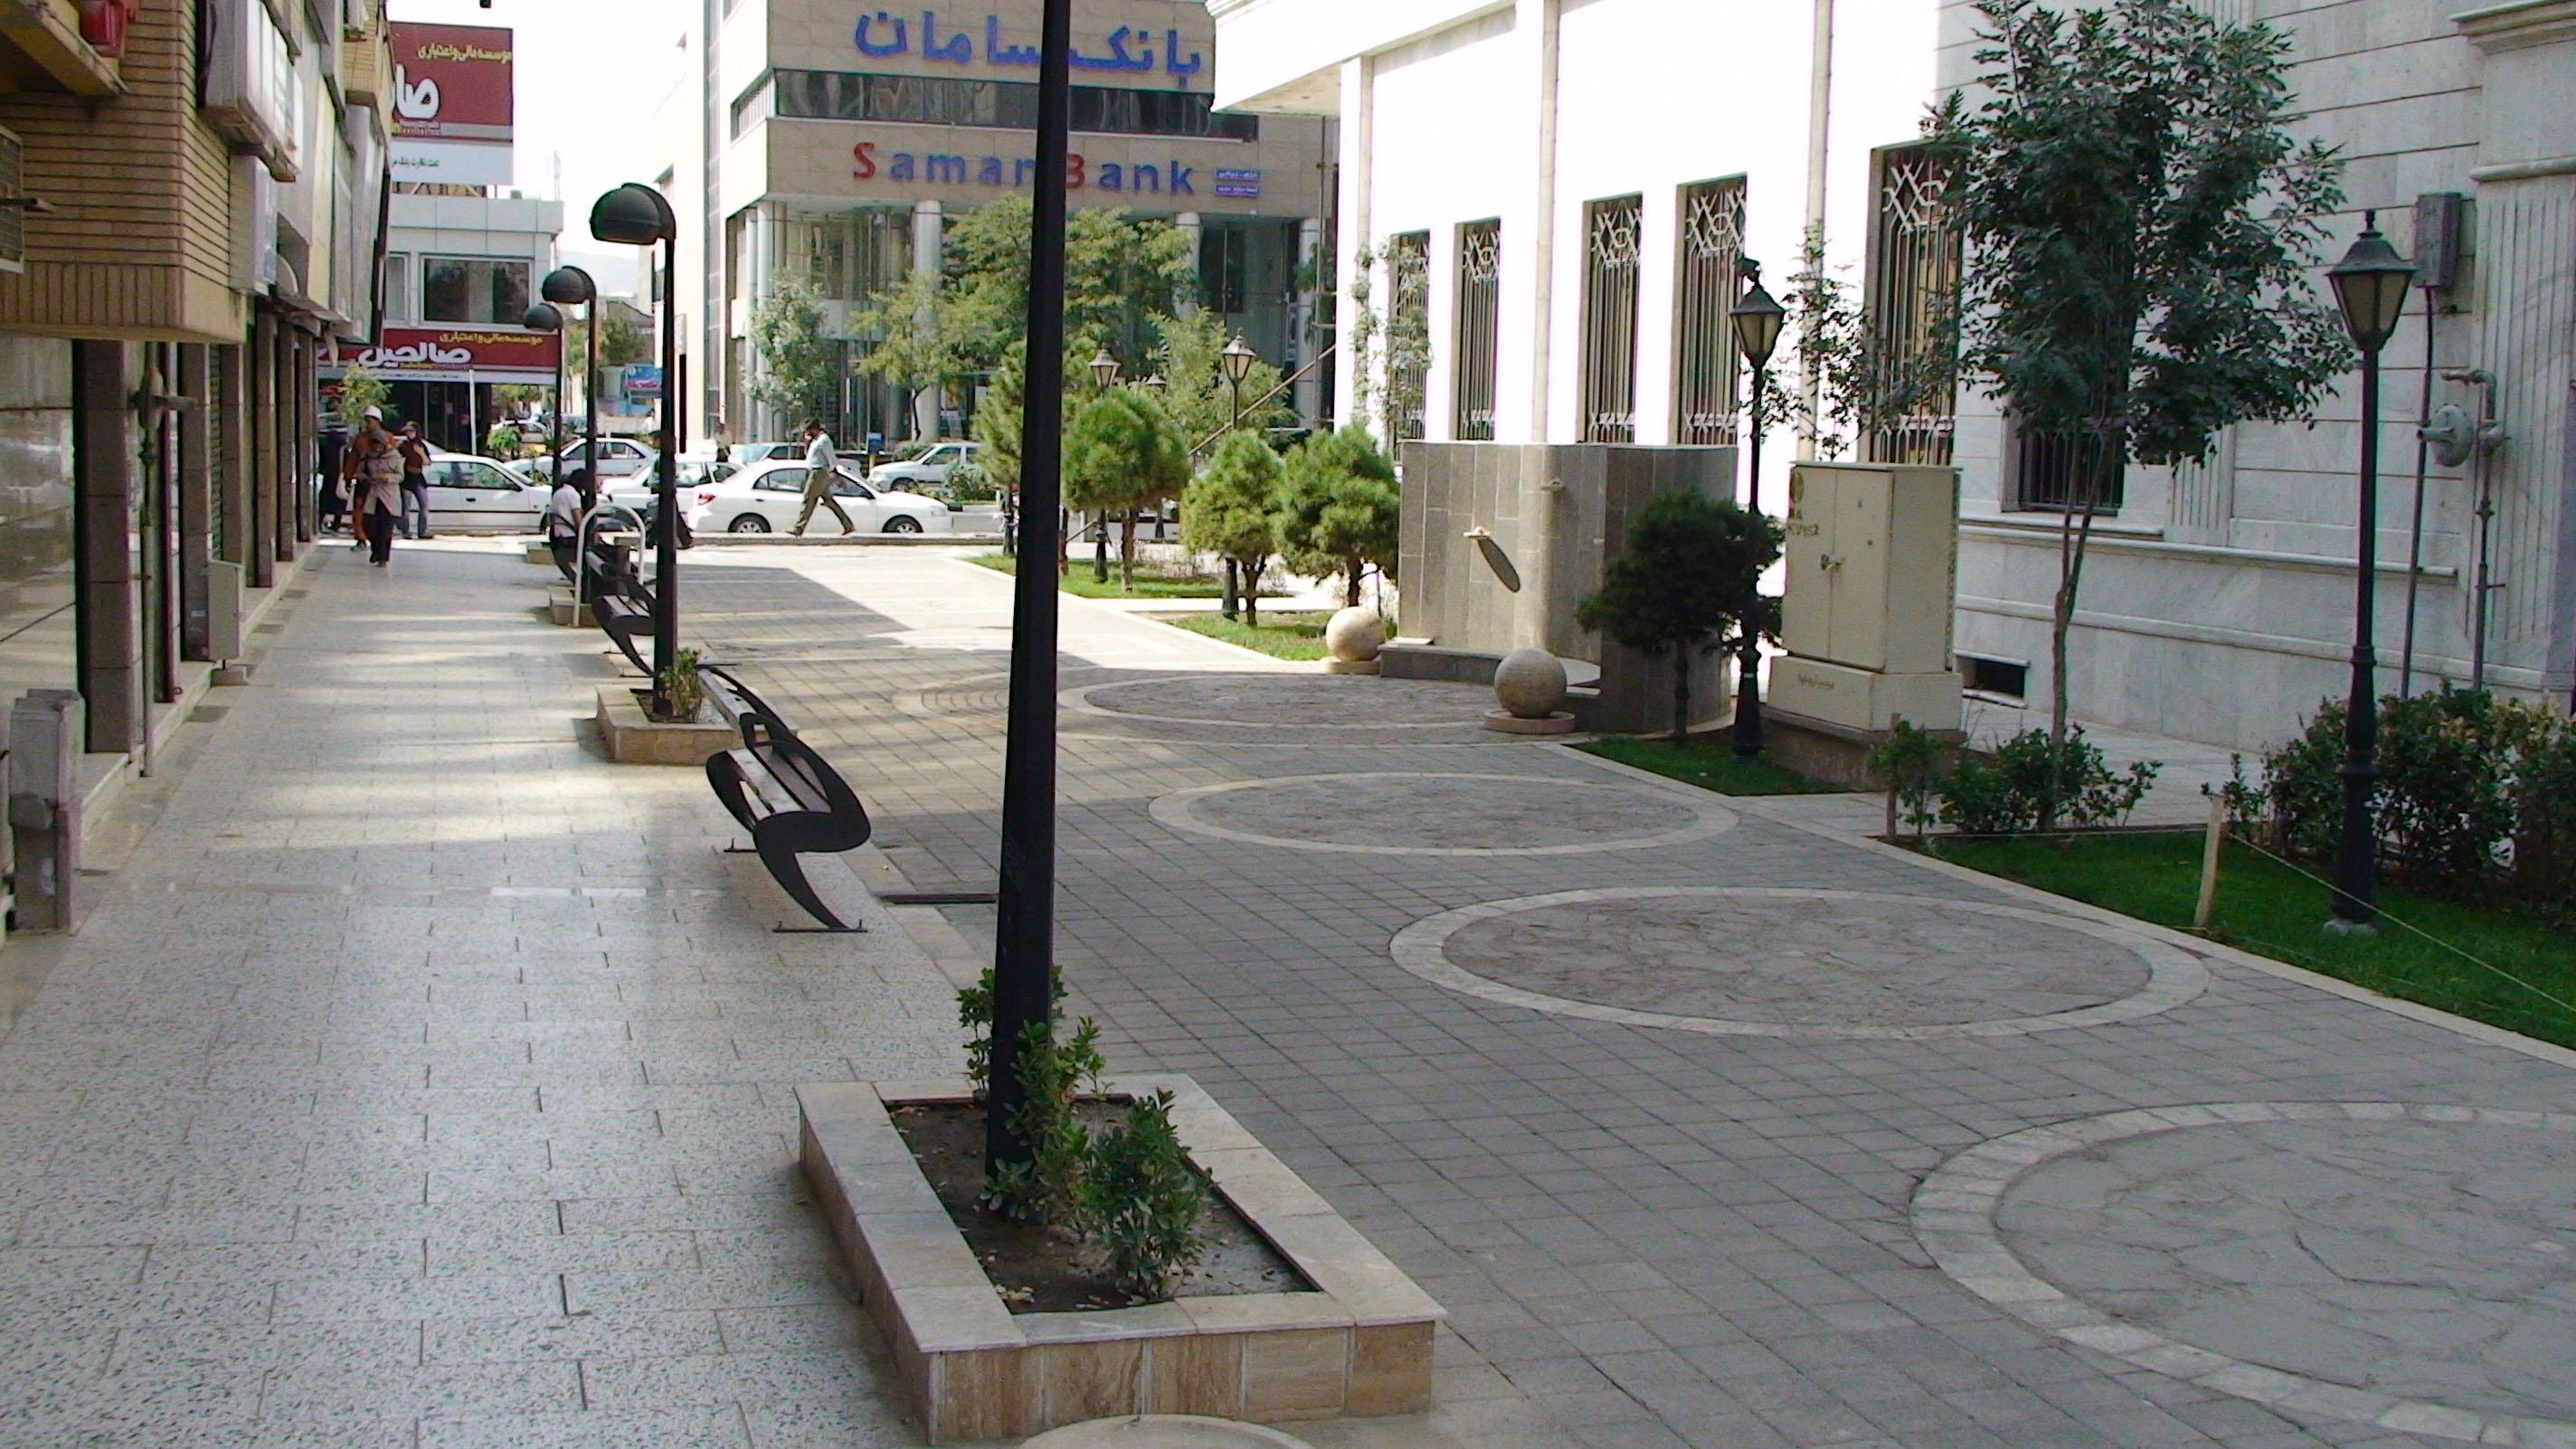 آیا پیادهروها در شهرها ایمنی و امنیت لازم را دارند؟